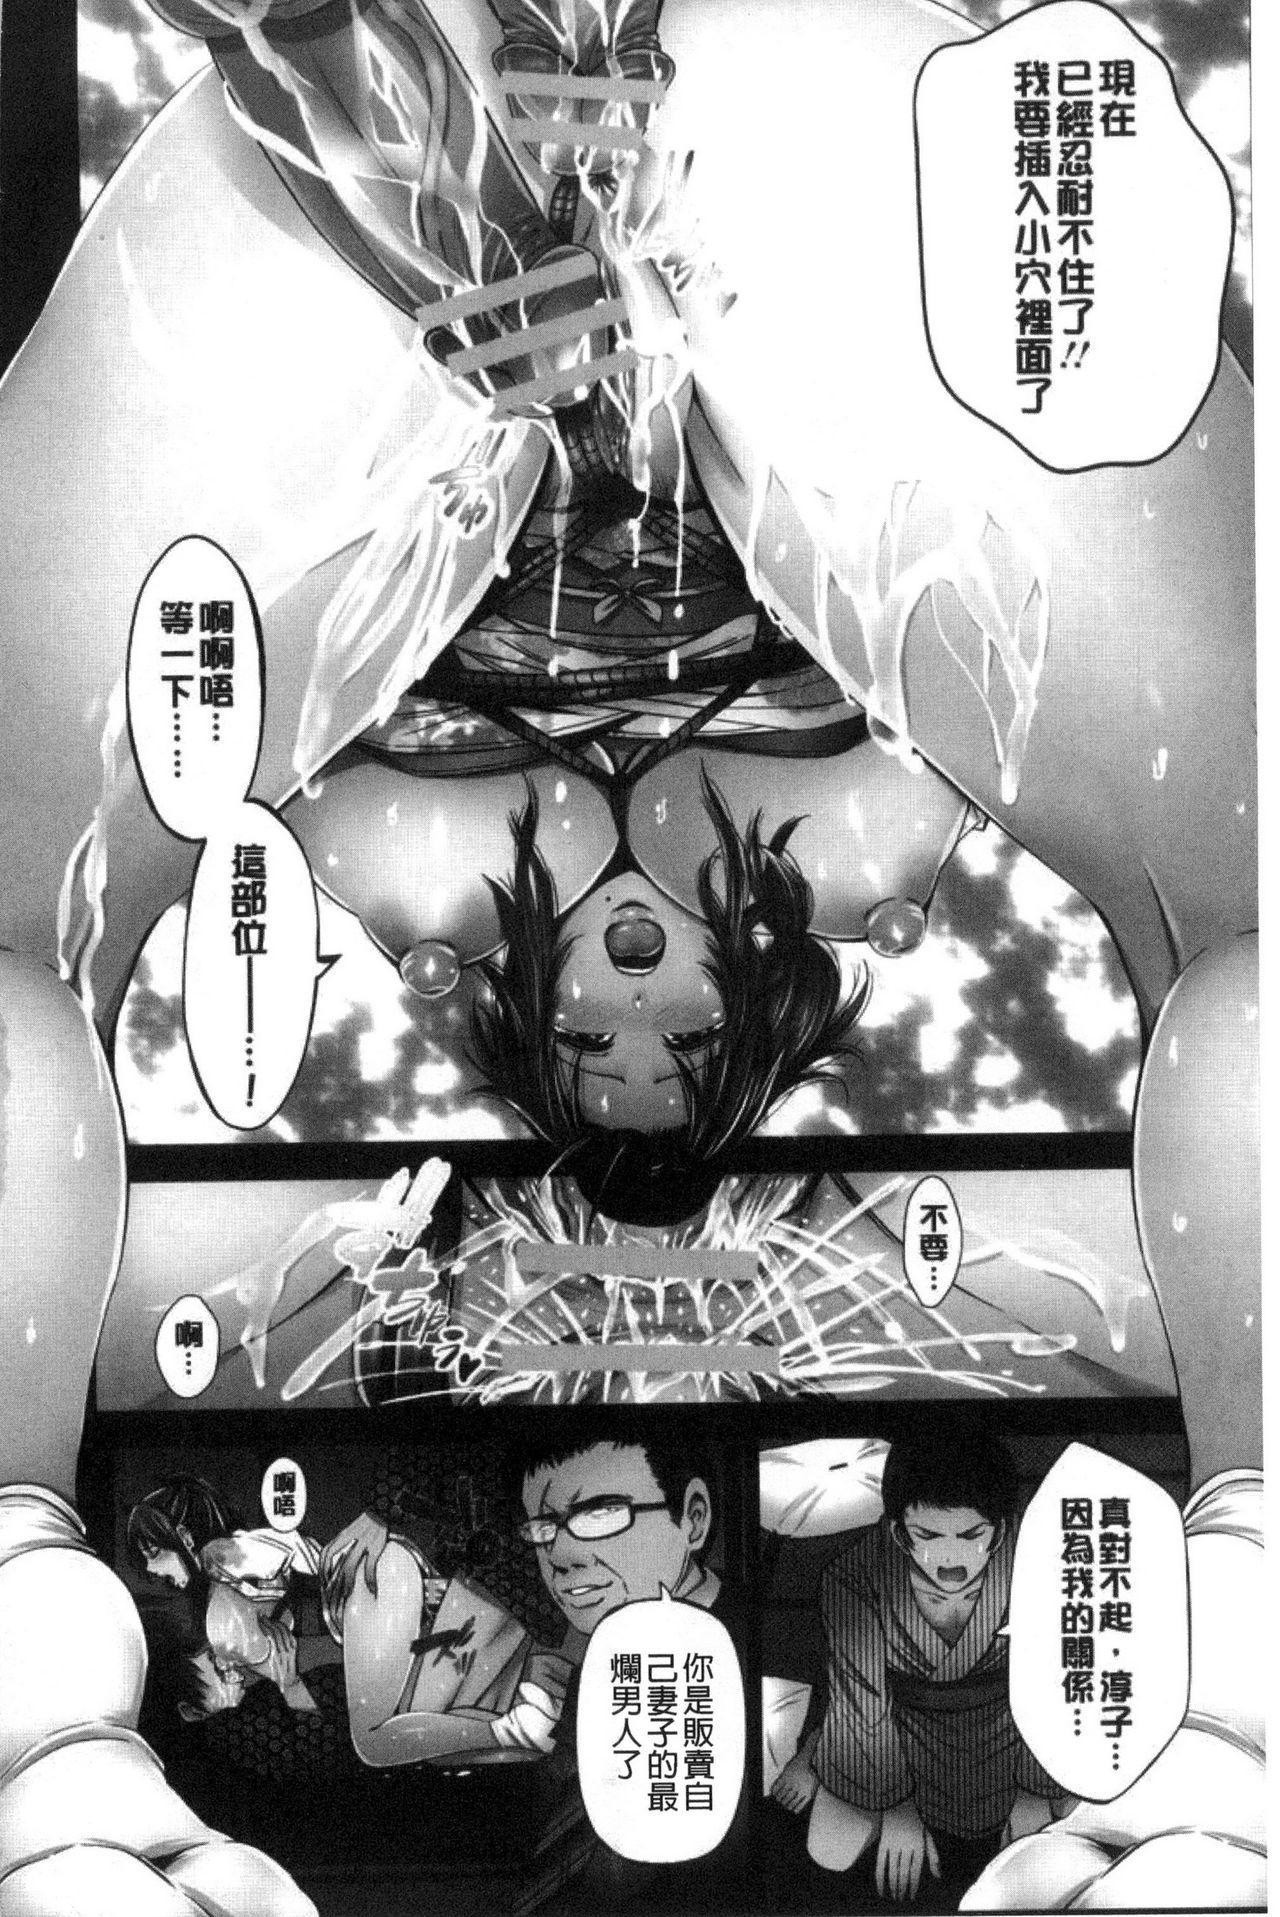 Goshujin-sama no Chichi Dorei 4